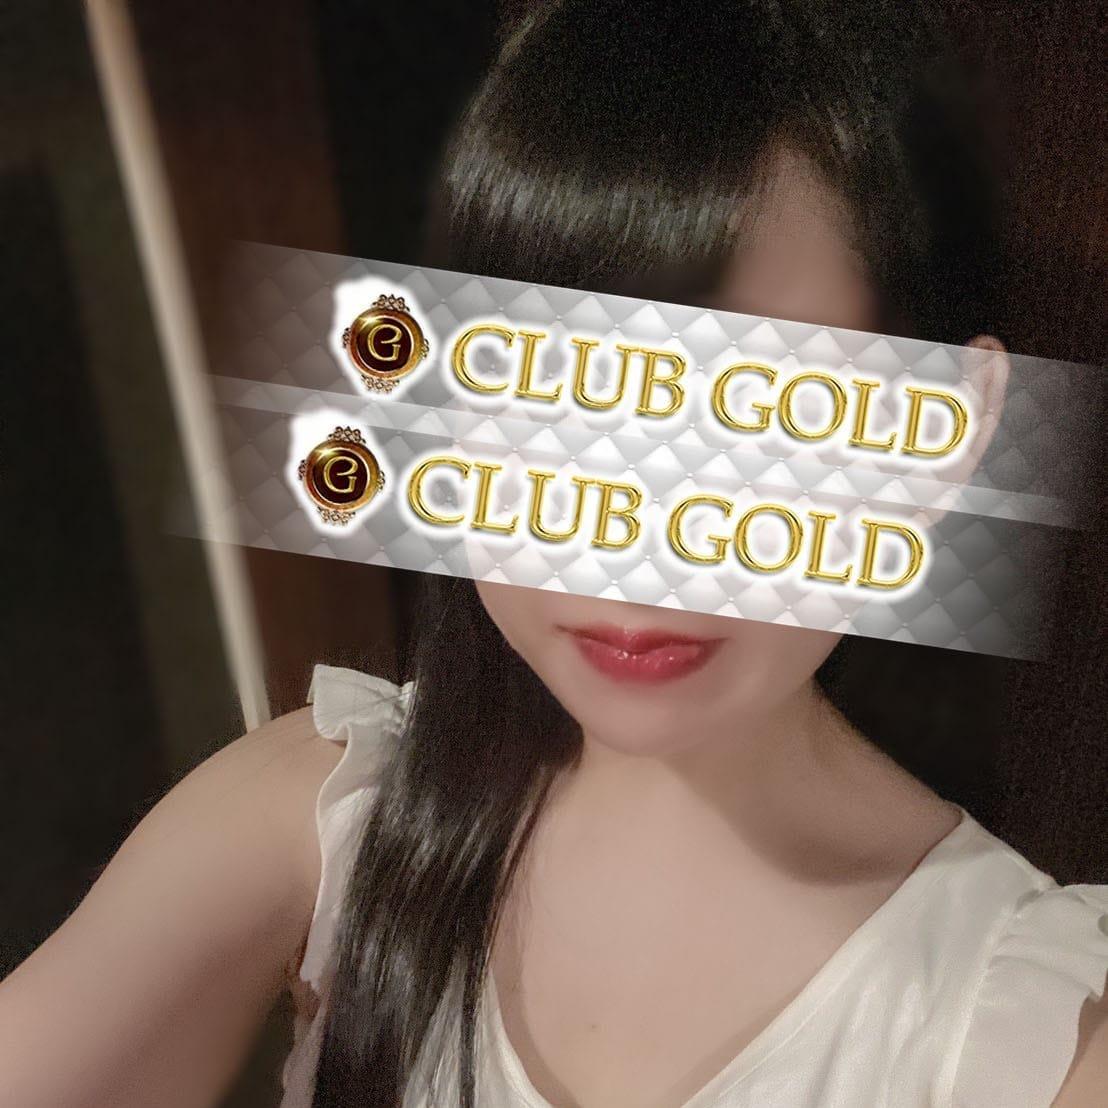 八神アスカ【完全素人の黒髪スレンダー美女】   CLUB GOLD(熊本市内)